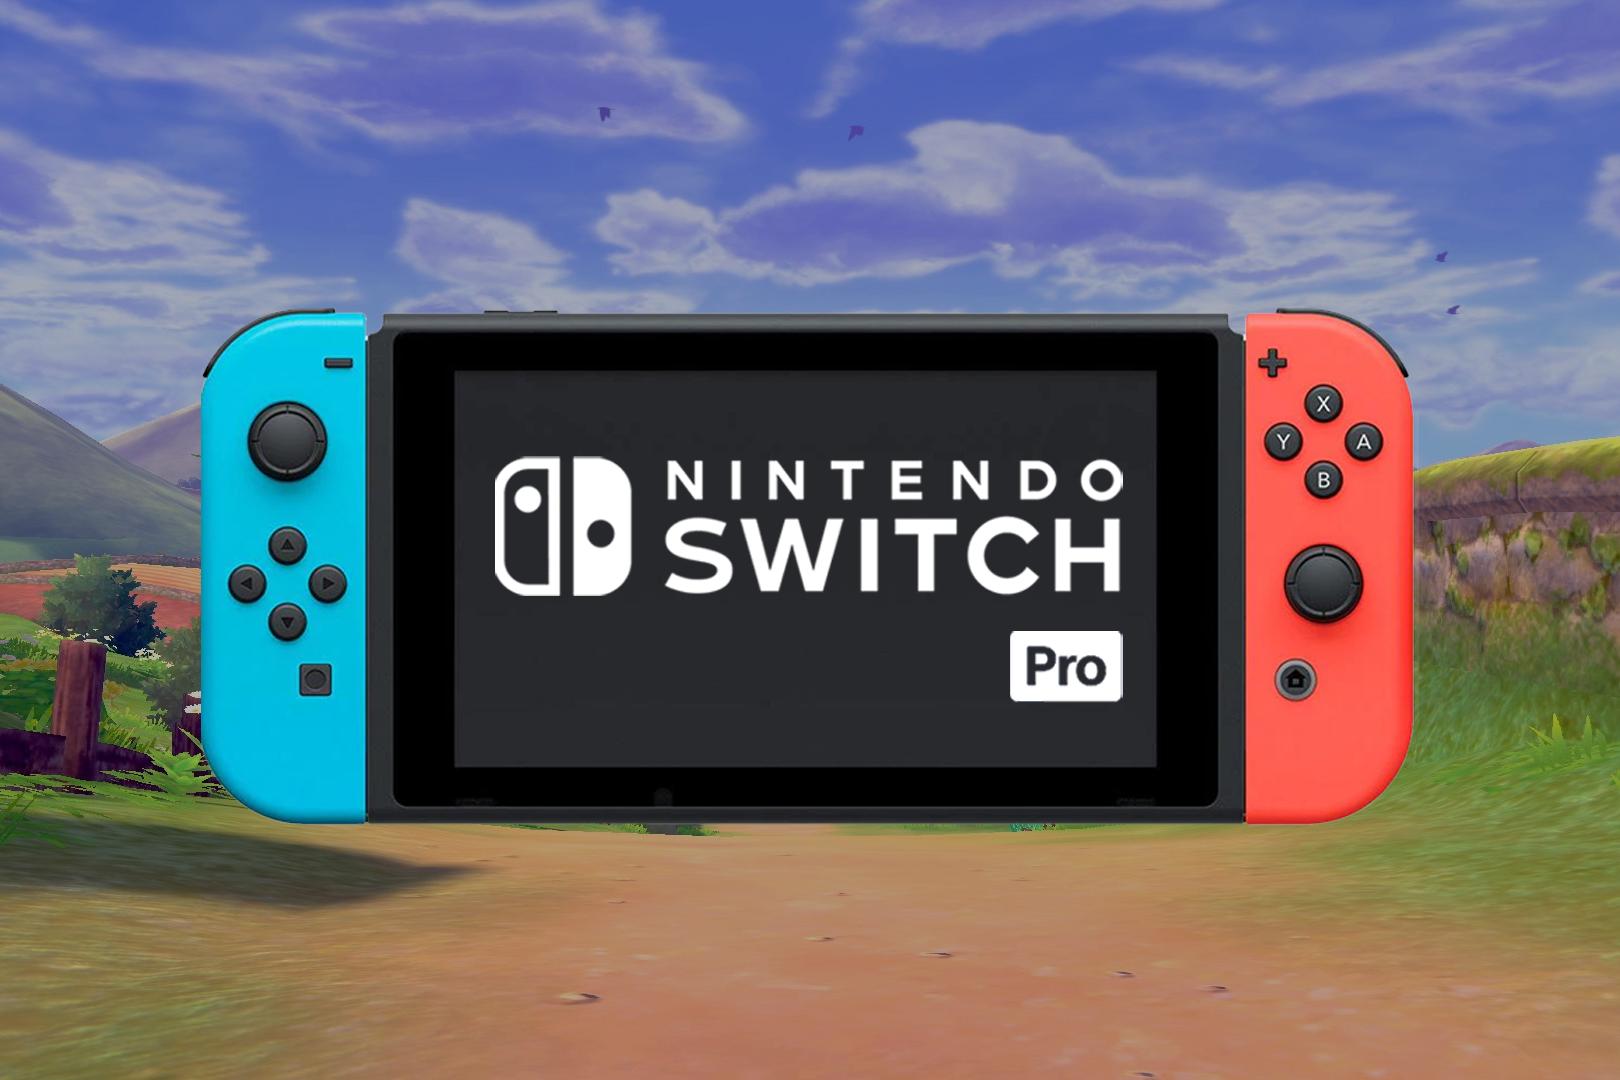 มีลุ้น Nintendo Switch Pro ออก หลุดเอกสารอัปเกรดสเปคเครื่อง!